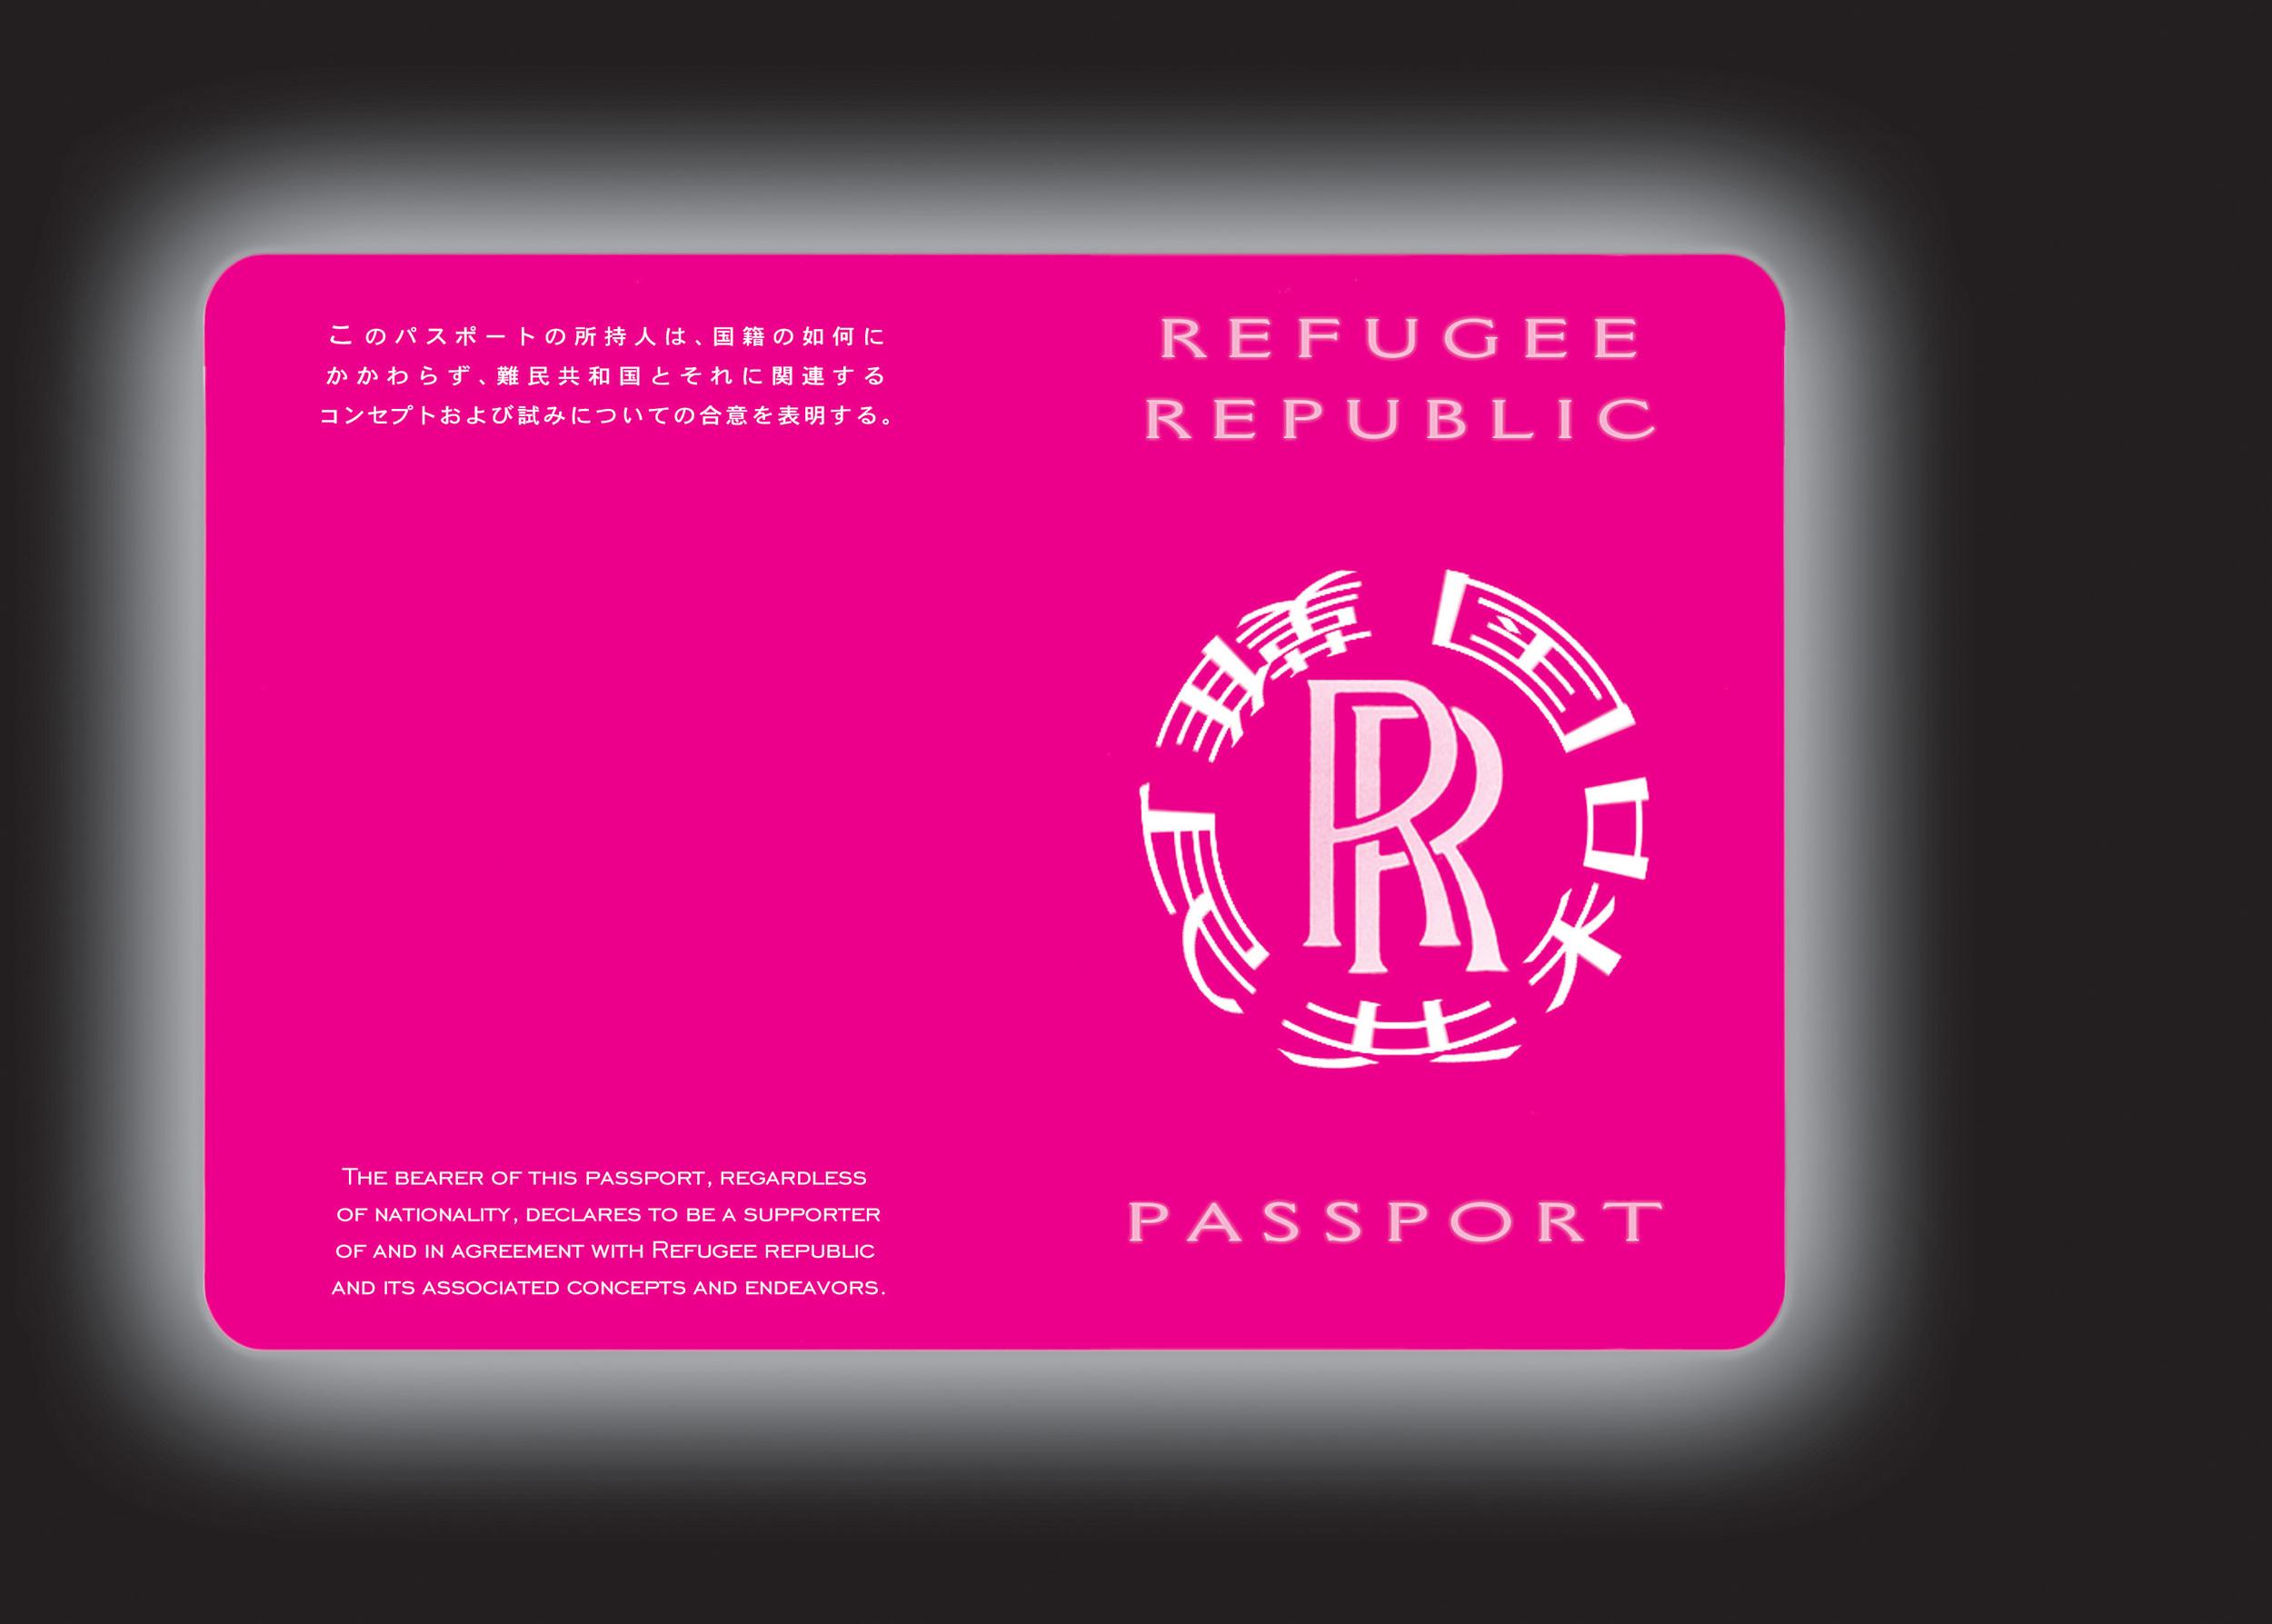 GUNTHER_Ingo_Refugee_Republic-13.jpg